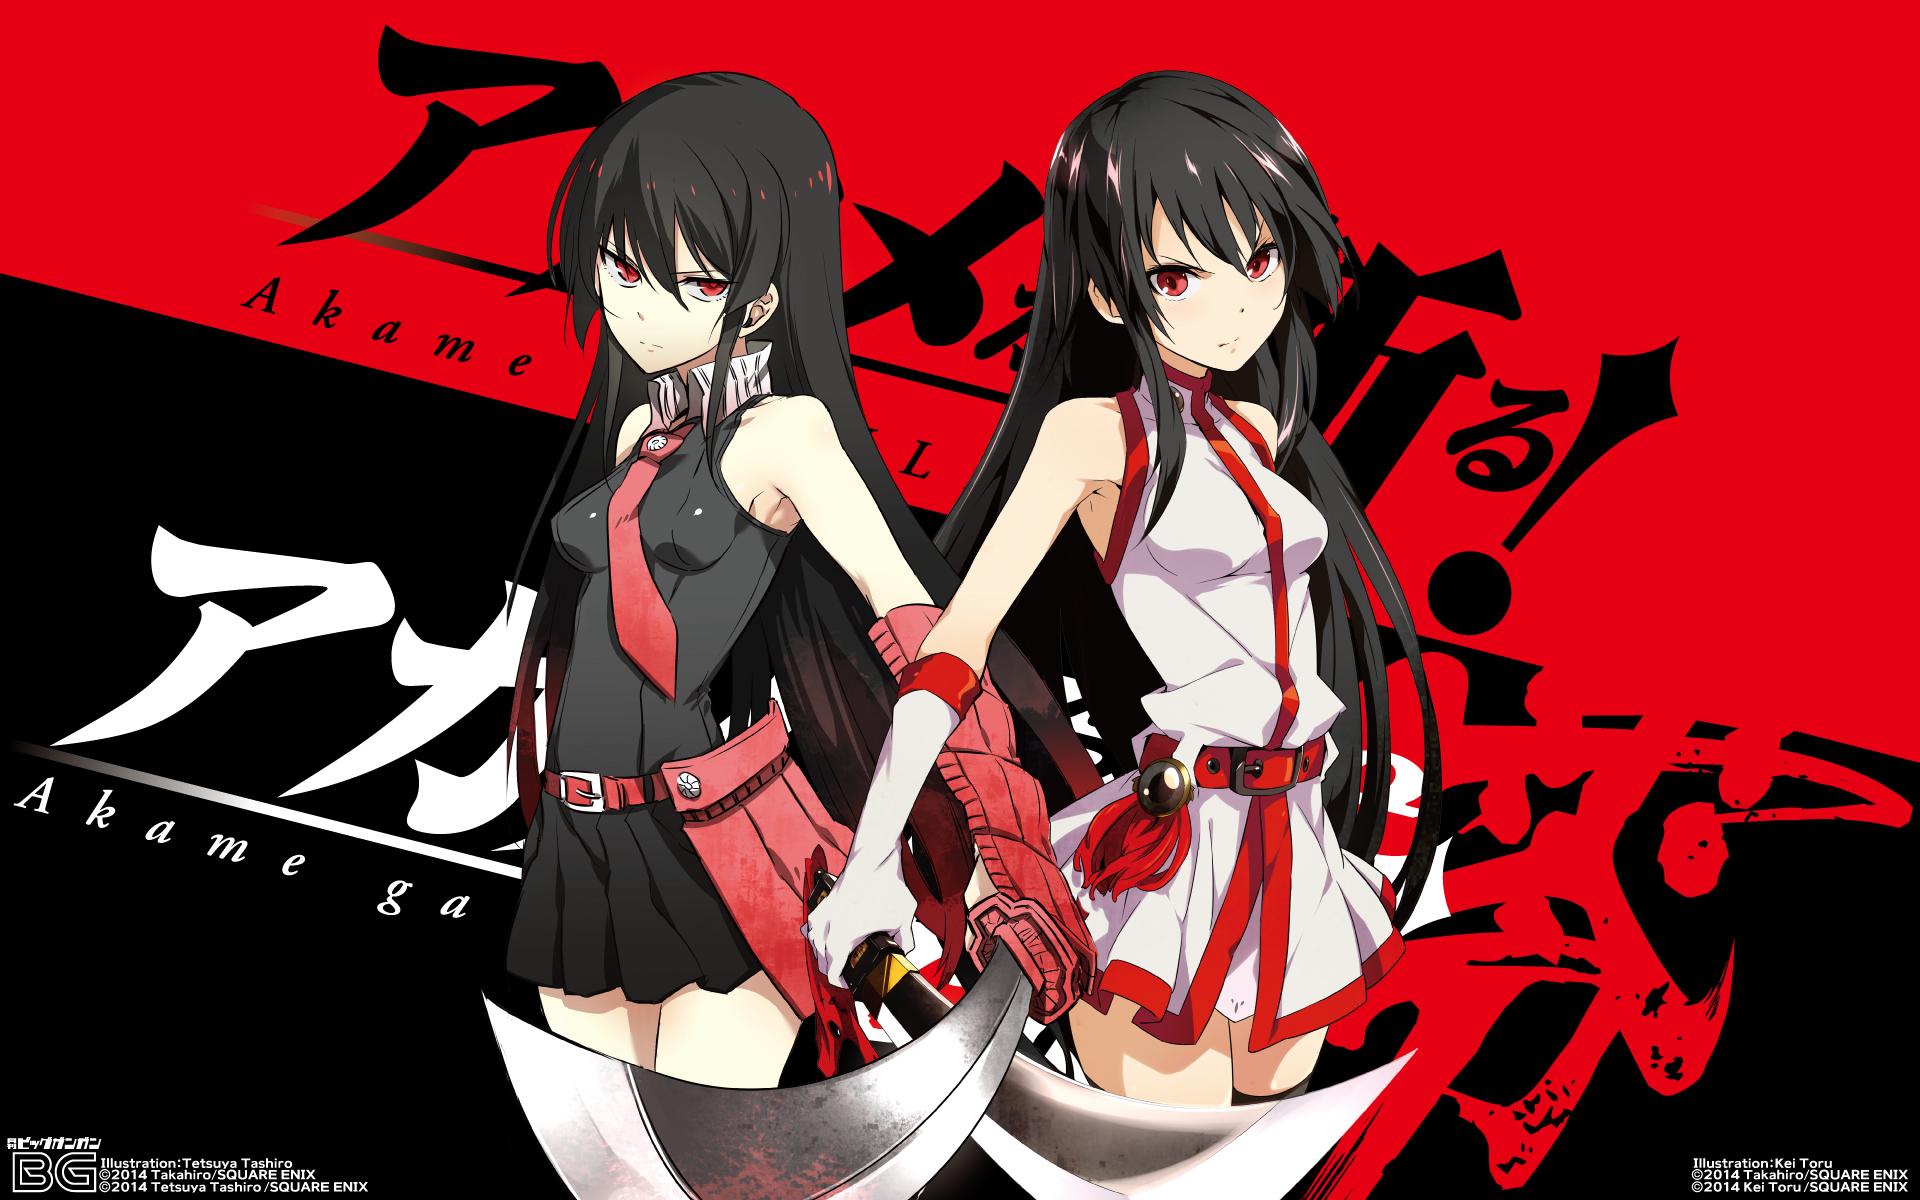 Akame Ga Kill Anime Wallpapers - Wallpaper Cave